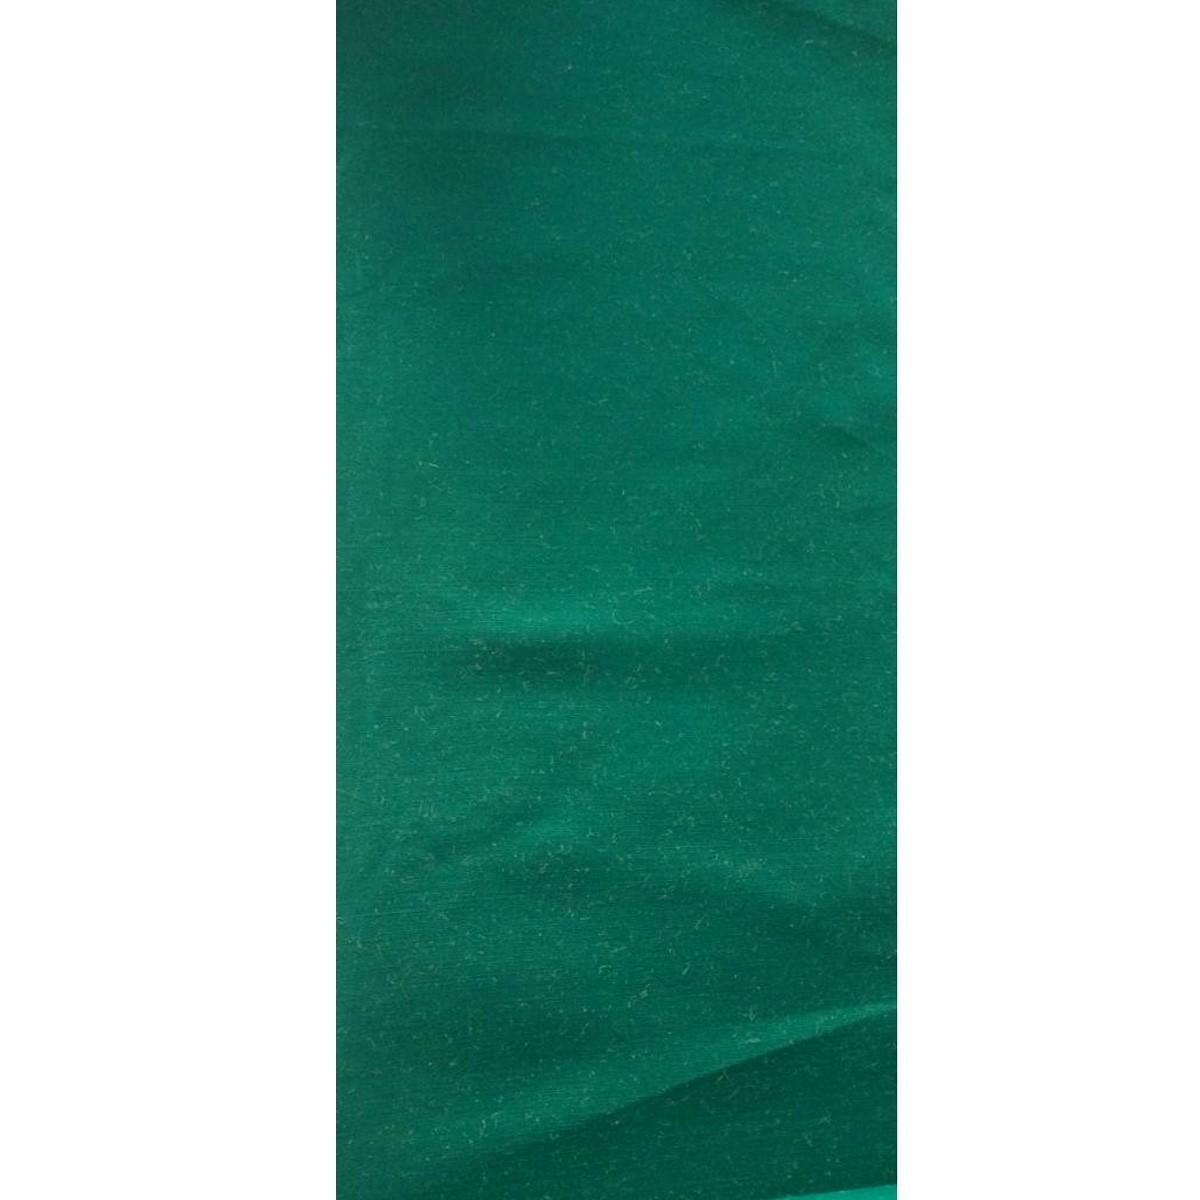 Tessuto Per Sedie A Sdraio.Tessuto Per Sdraio In Lino Tinta Unita